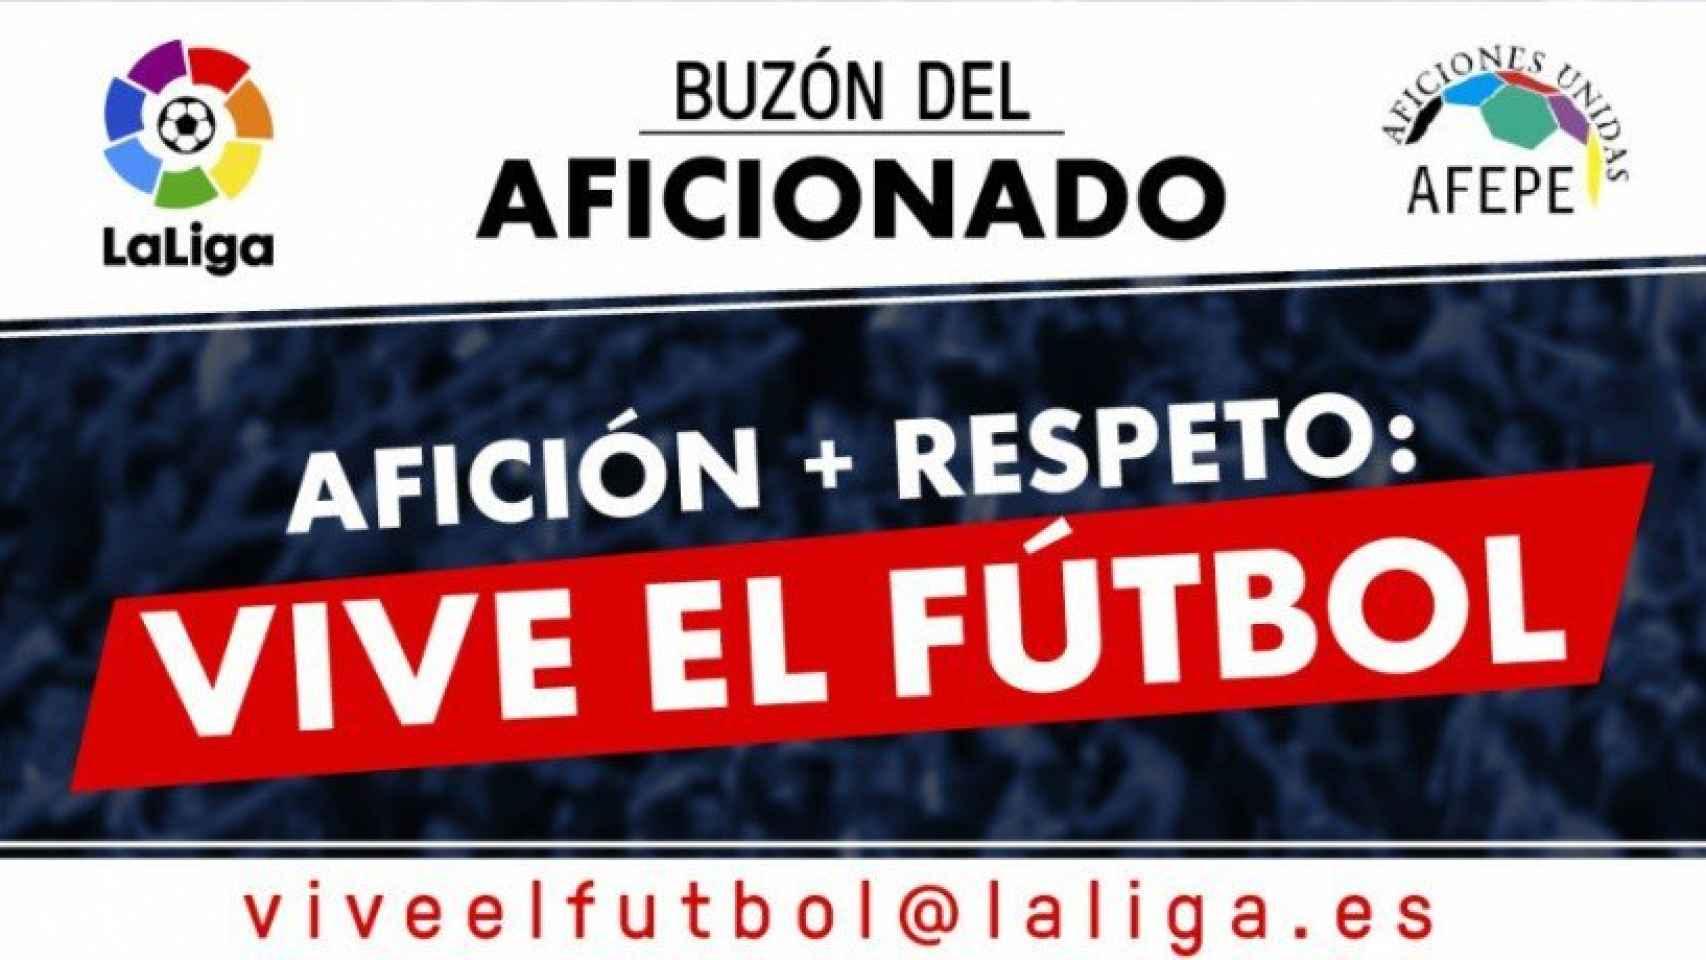 La Liga pide respeto   Foto: laliga.es